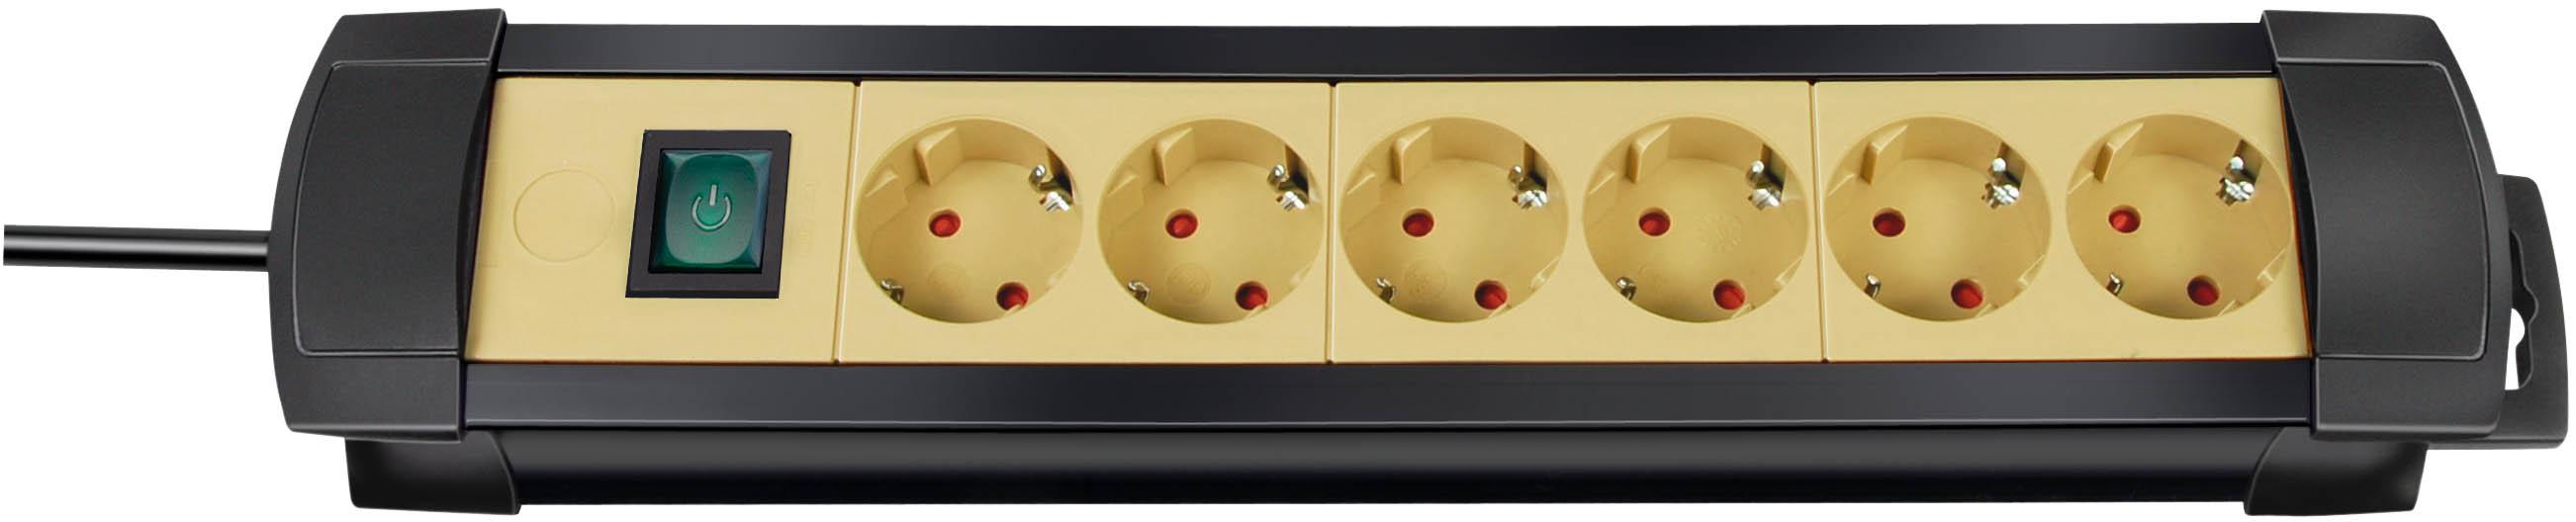 Brennenstuhl Premium-Line 6-fach schwarz/sand mit Schalter, 3m H05VV-F3G1,5